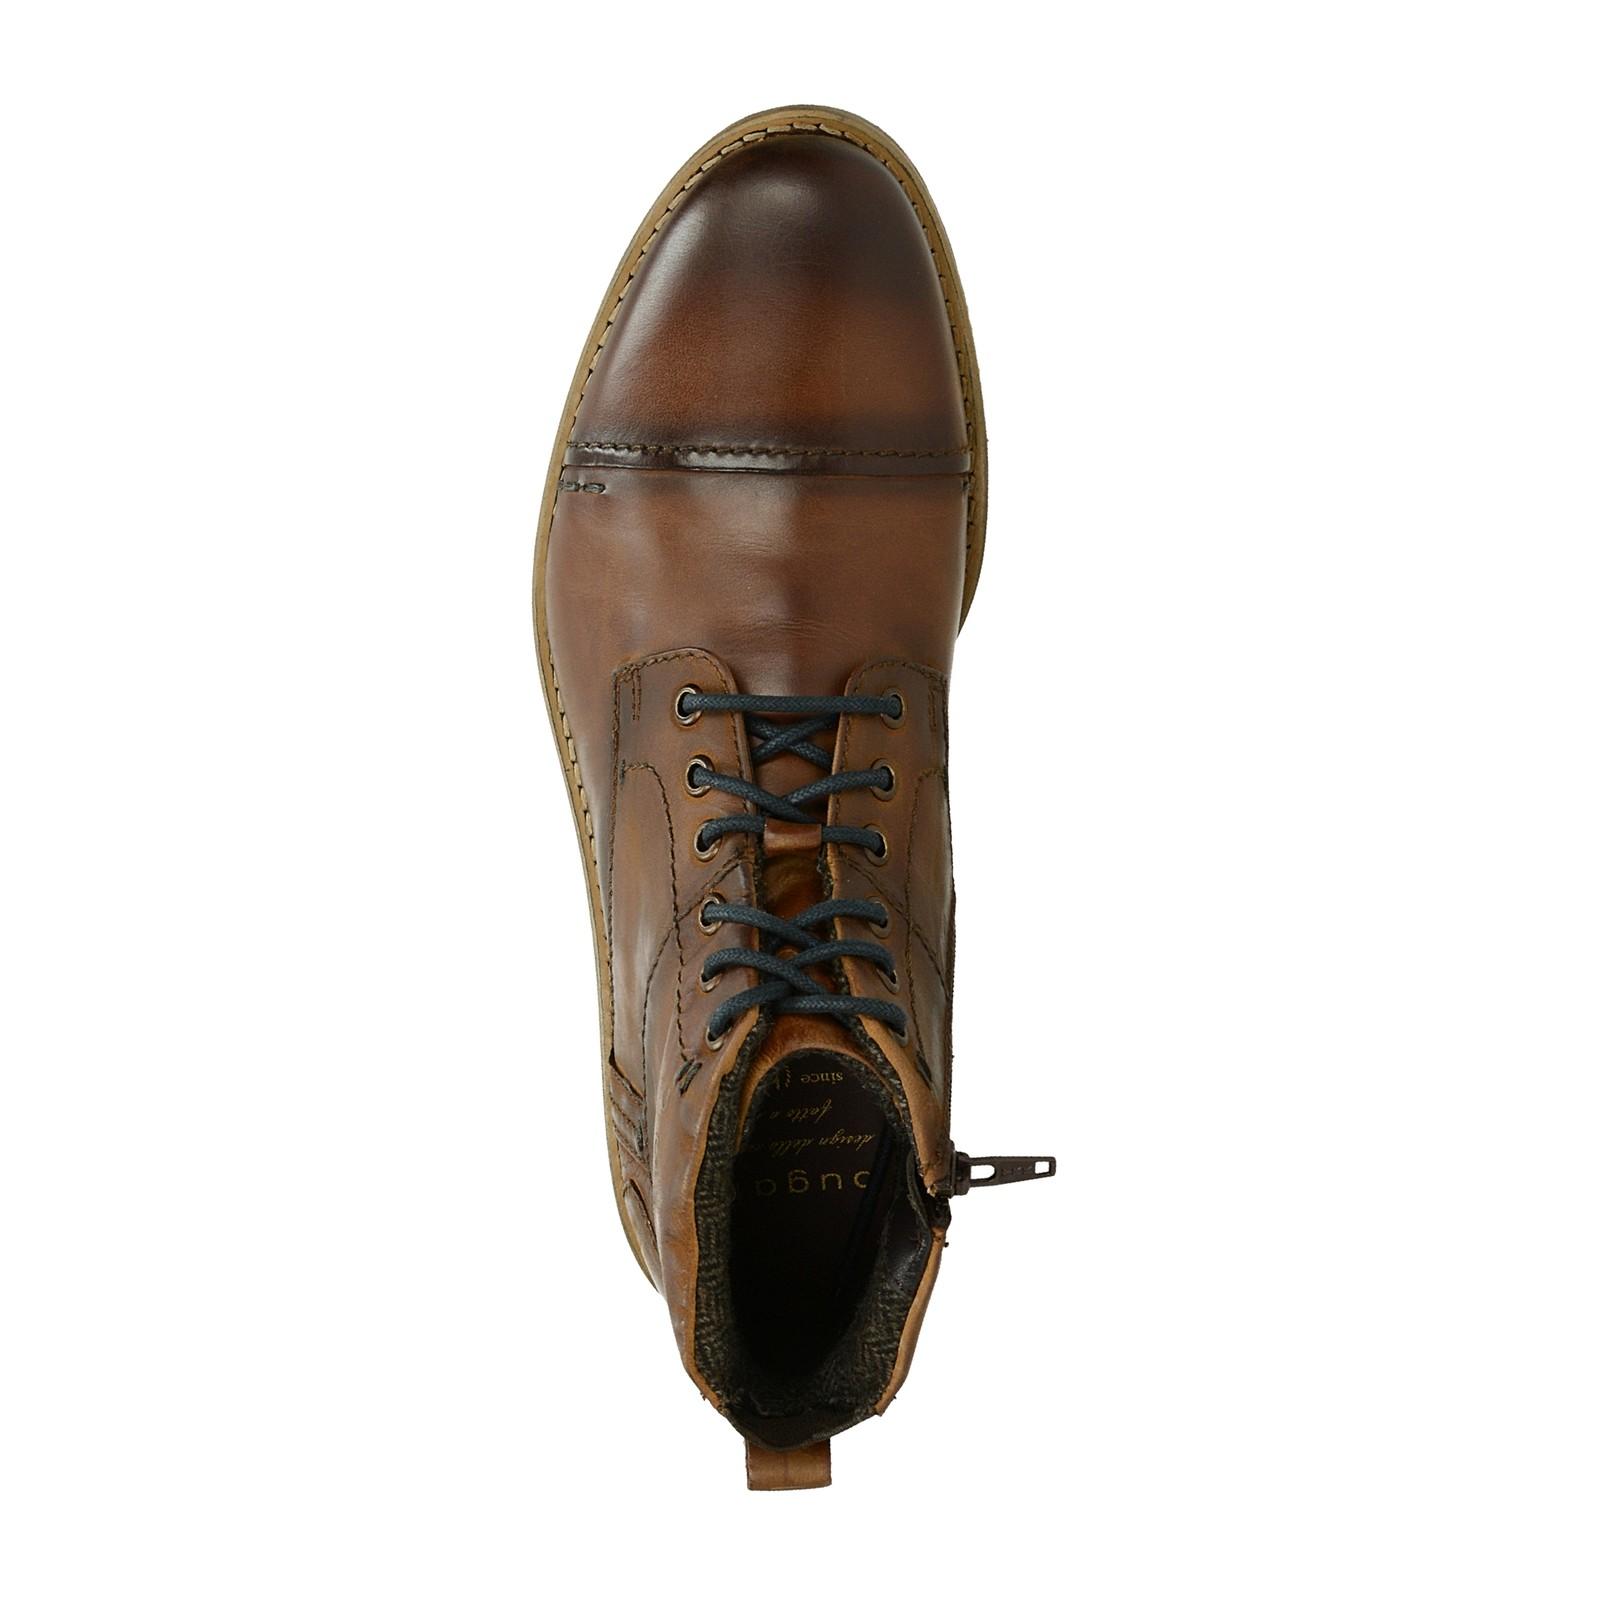 9c3c0331fb Bugatti pánská kožená kotníková obuv - hnědá ...